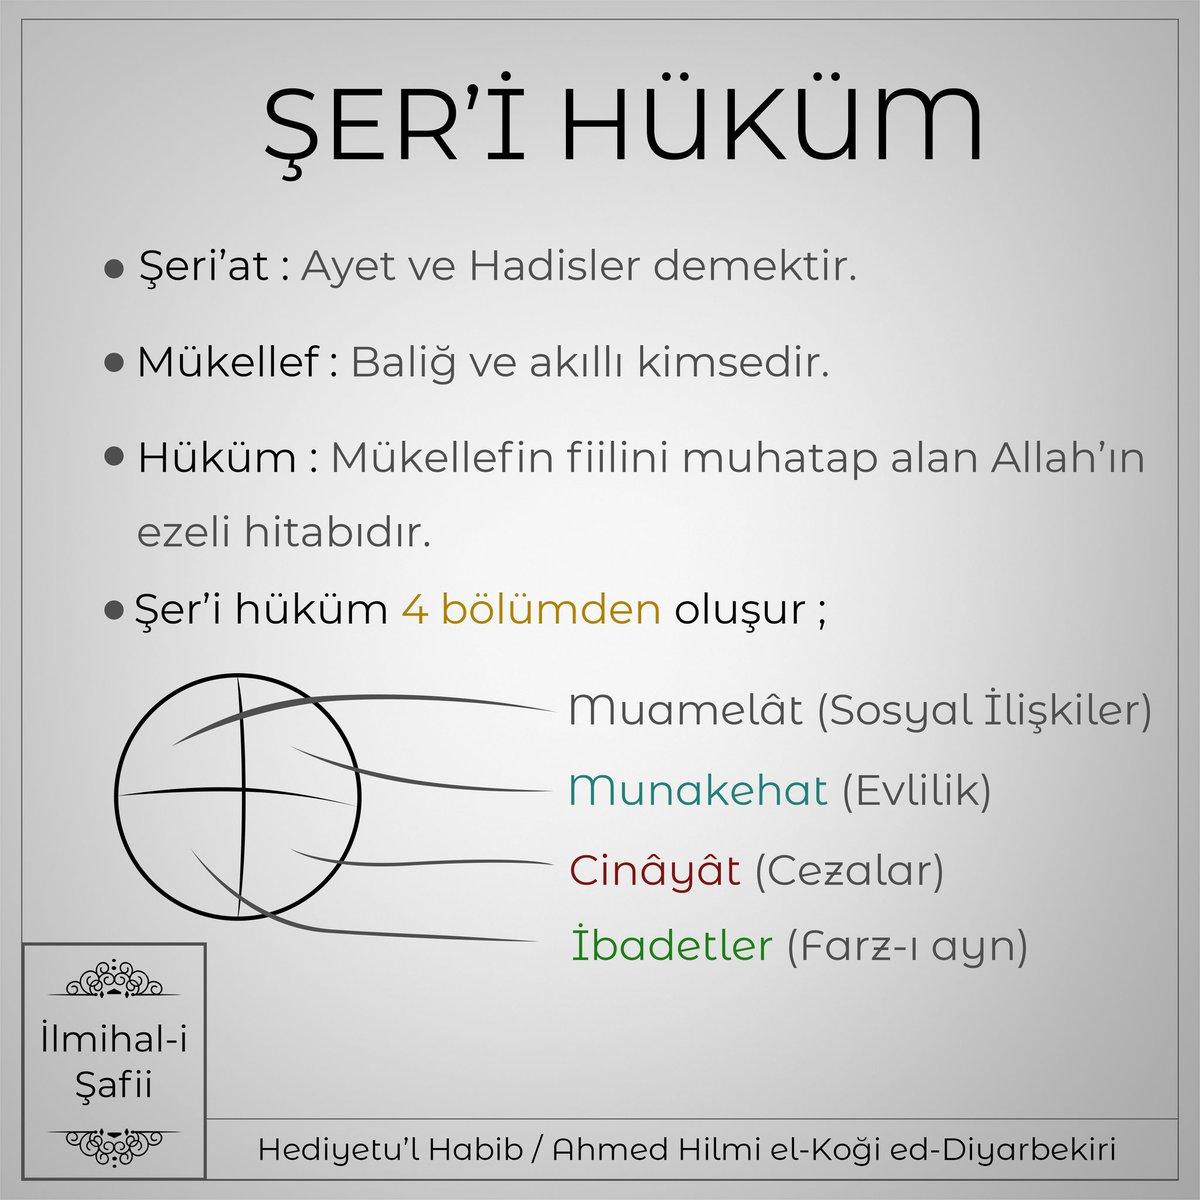 """☝️Selamûn Aleyküm Arkadaşlar Gönderilerimizi, Bilmeyenlerin Öğrenmesi İçin Gücümüz Yettiğince Paylaşalım... 👉""""Bir Hayra Vesile Olan , Onu Yapan Gibidir""""👈 🌹(Hadis-i Şerif)🌹 #islam #iman #fıkıh #ilmihal #şafii #hanefi #allah #din #muhammed #peygambersevdalıları #türkiye #turkey https://t.co/4xS6Eq9pw1"""